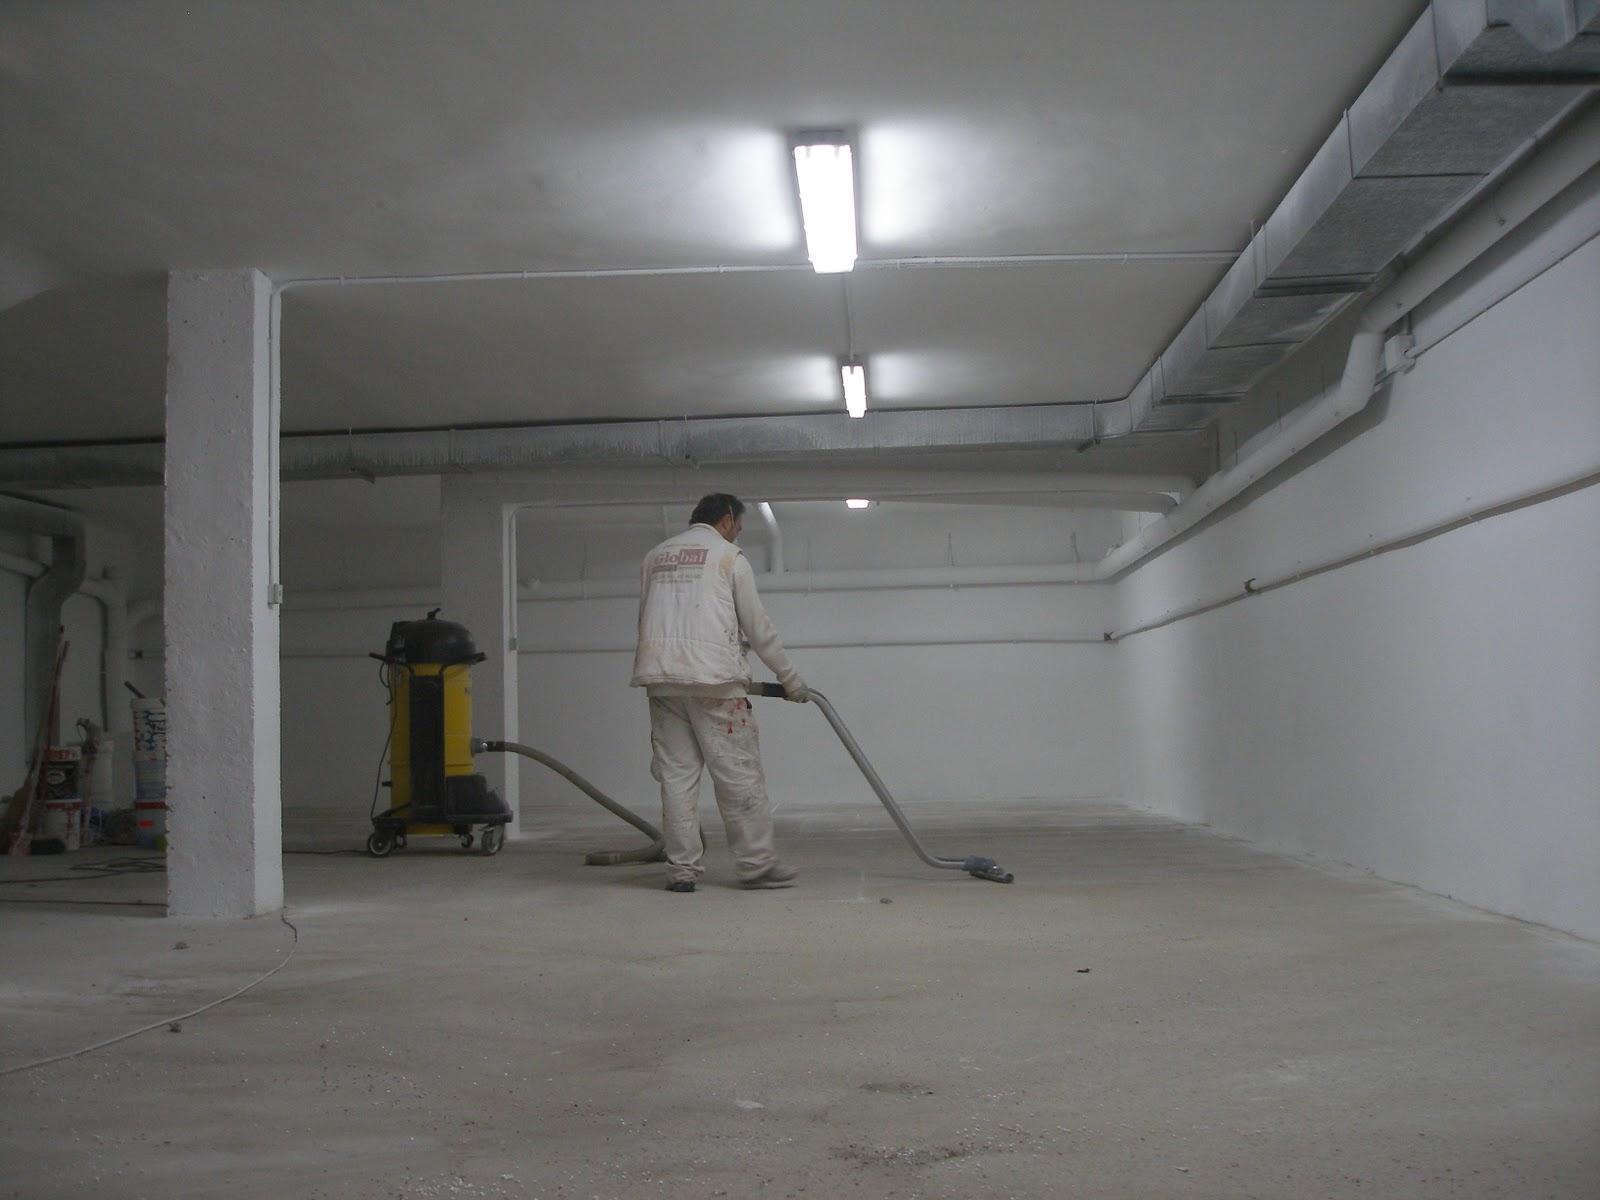 Pintor zaragoza profesional dale color a tu vida suelos for Pintura para suelos de garaje